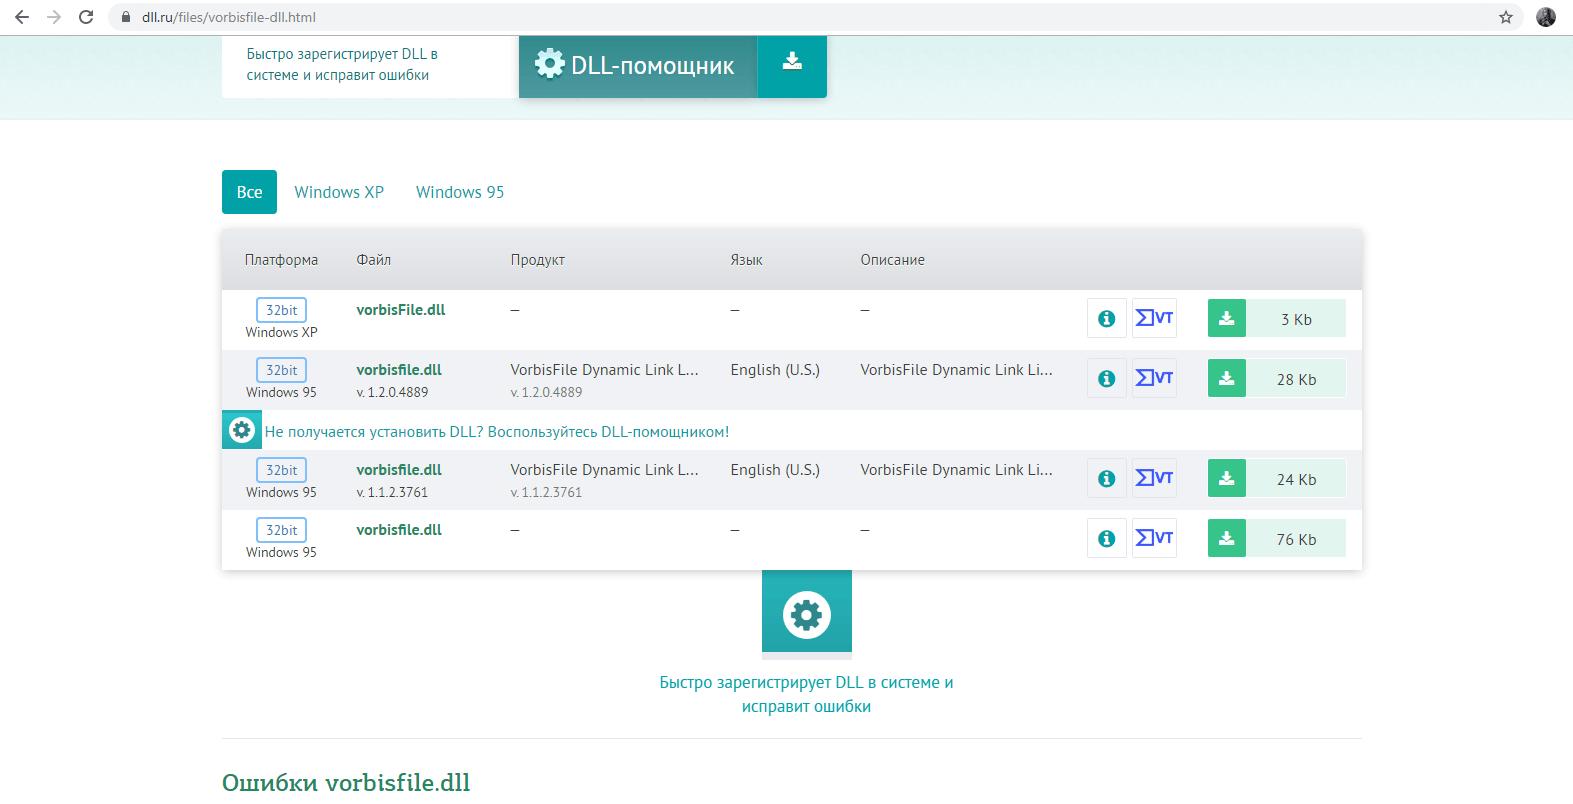 Сайт для закачки файла vorbisfile.dll и устранения ошибки